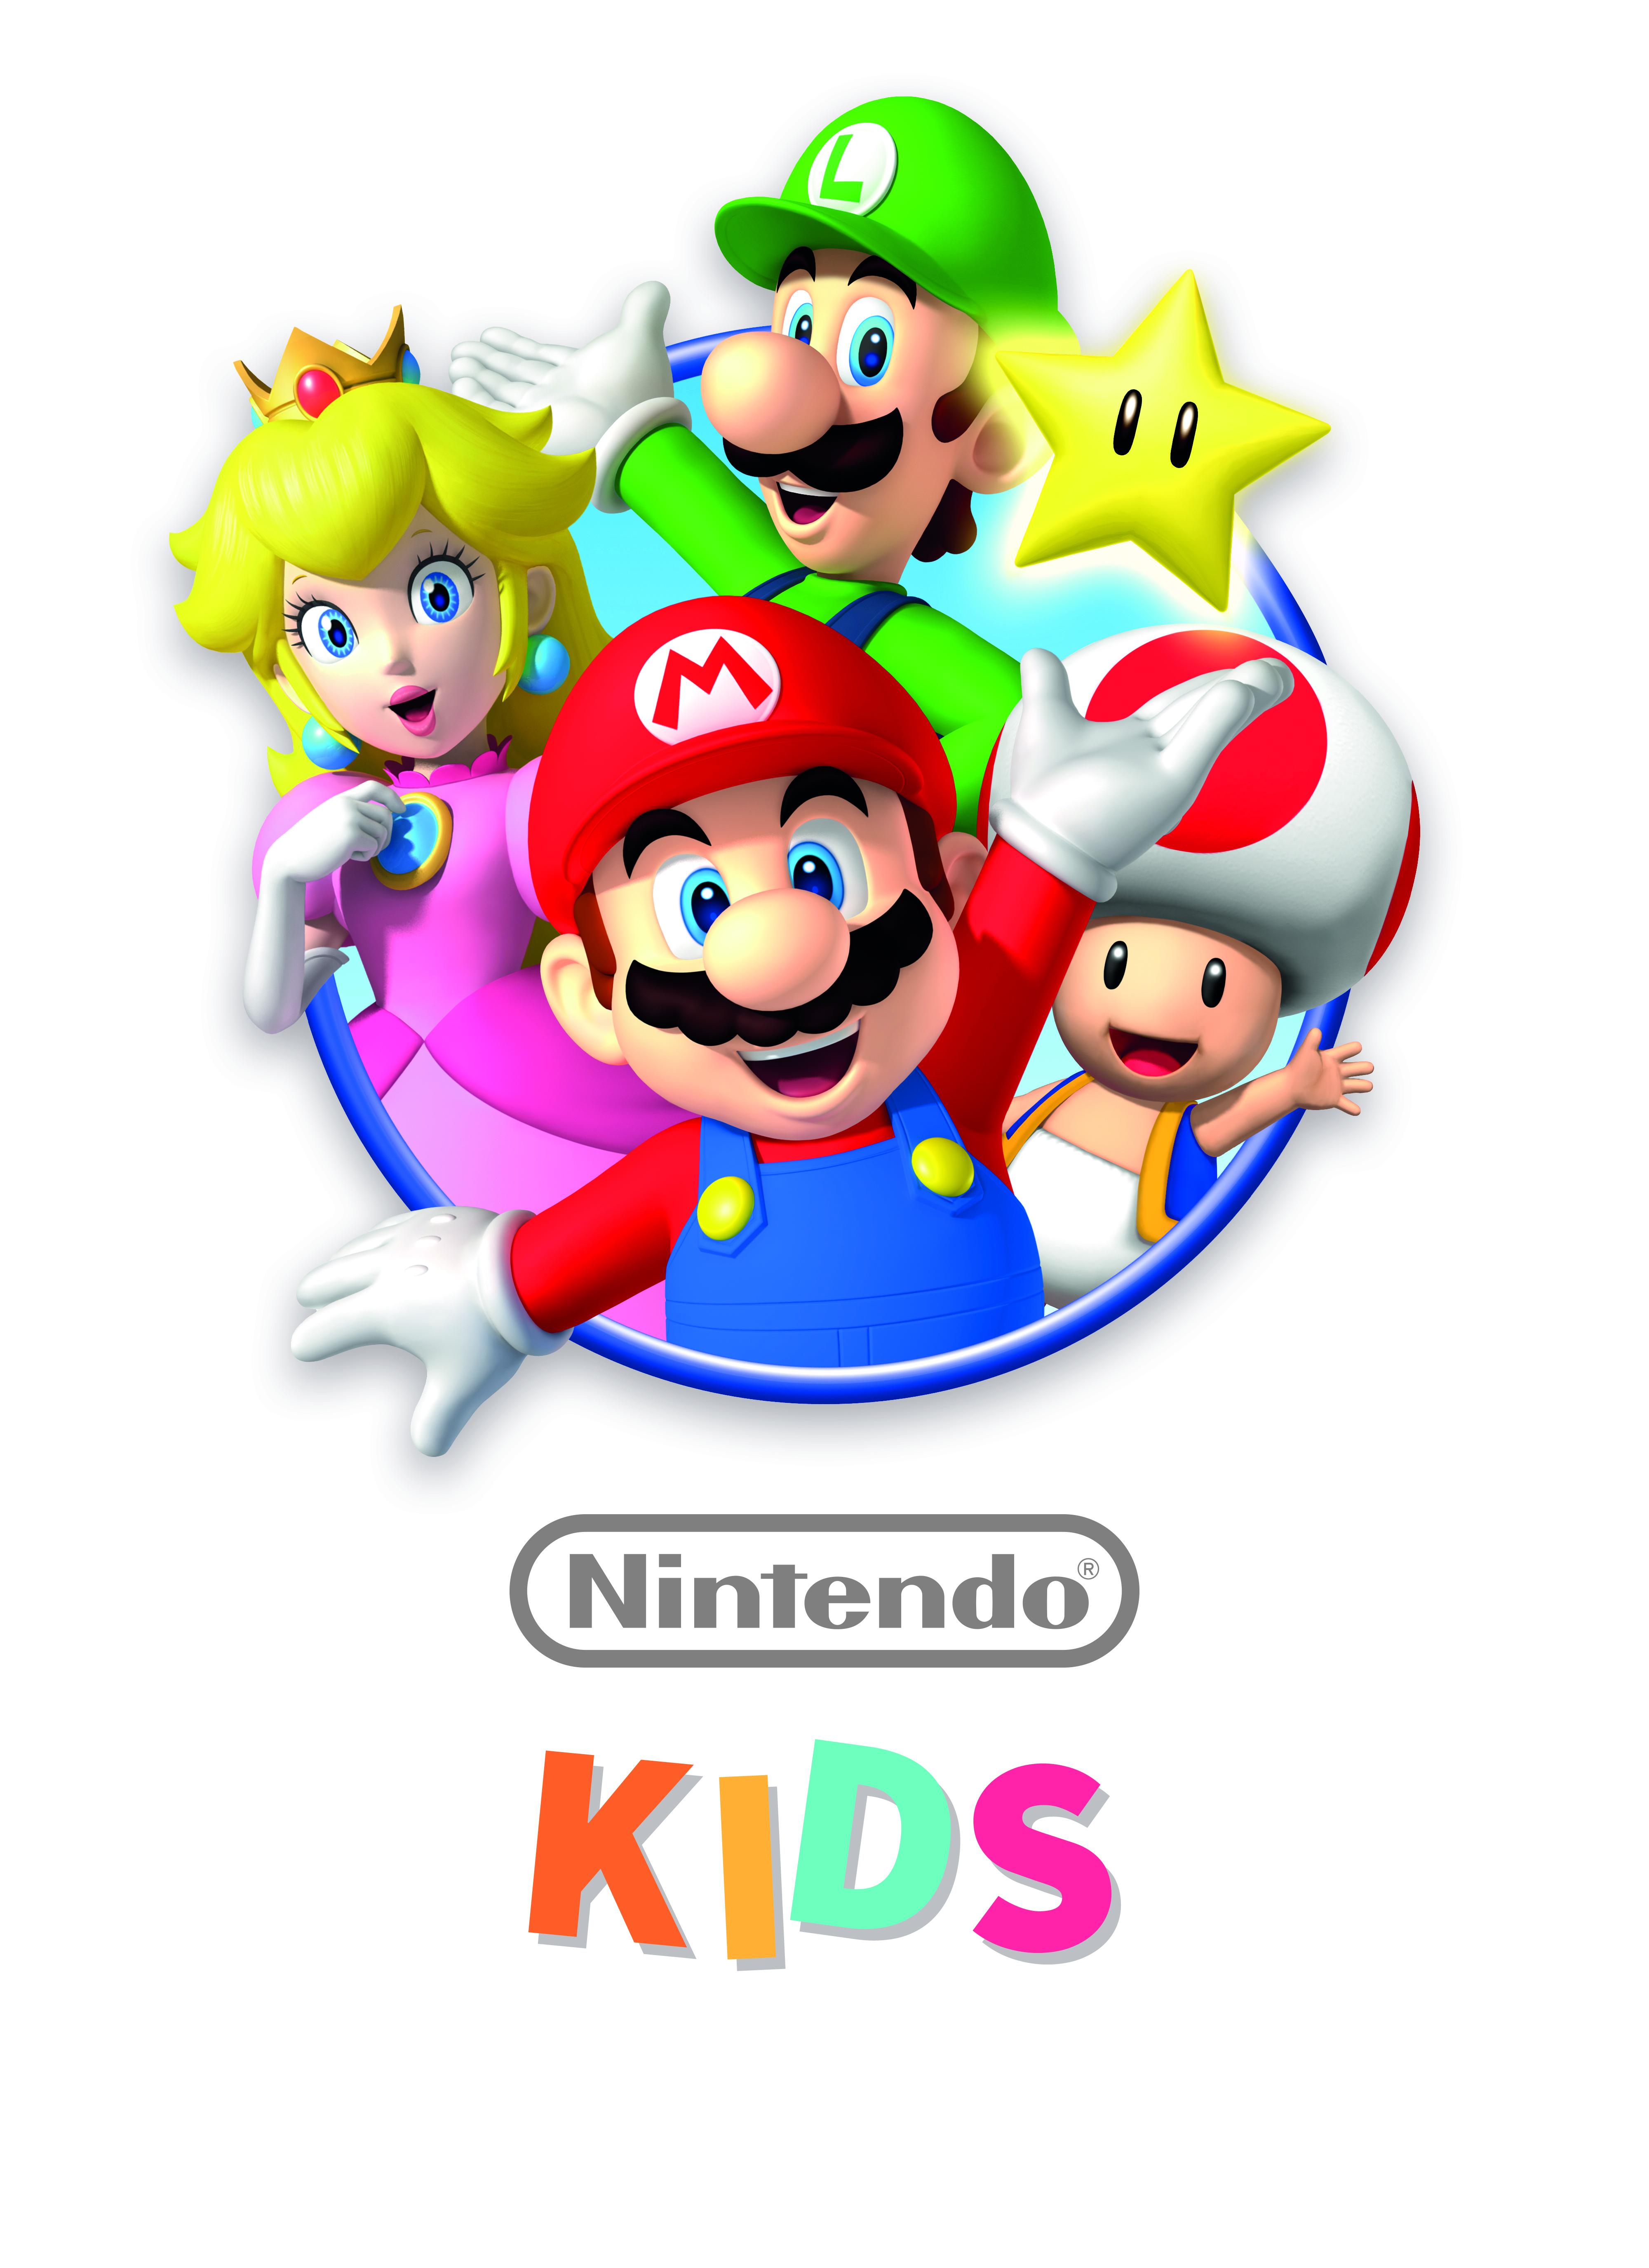 KIDS_logo_white_bg